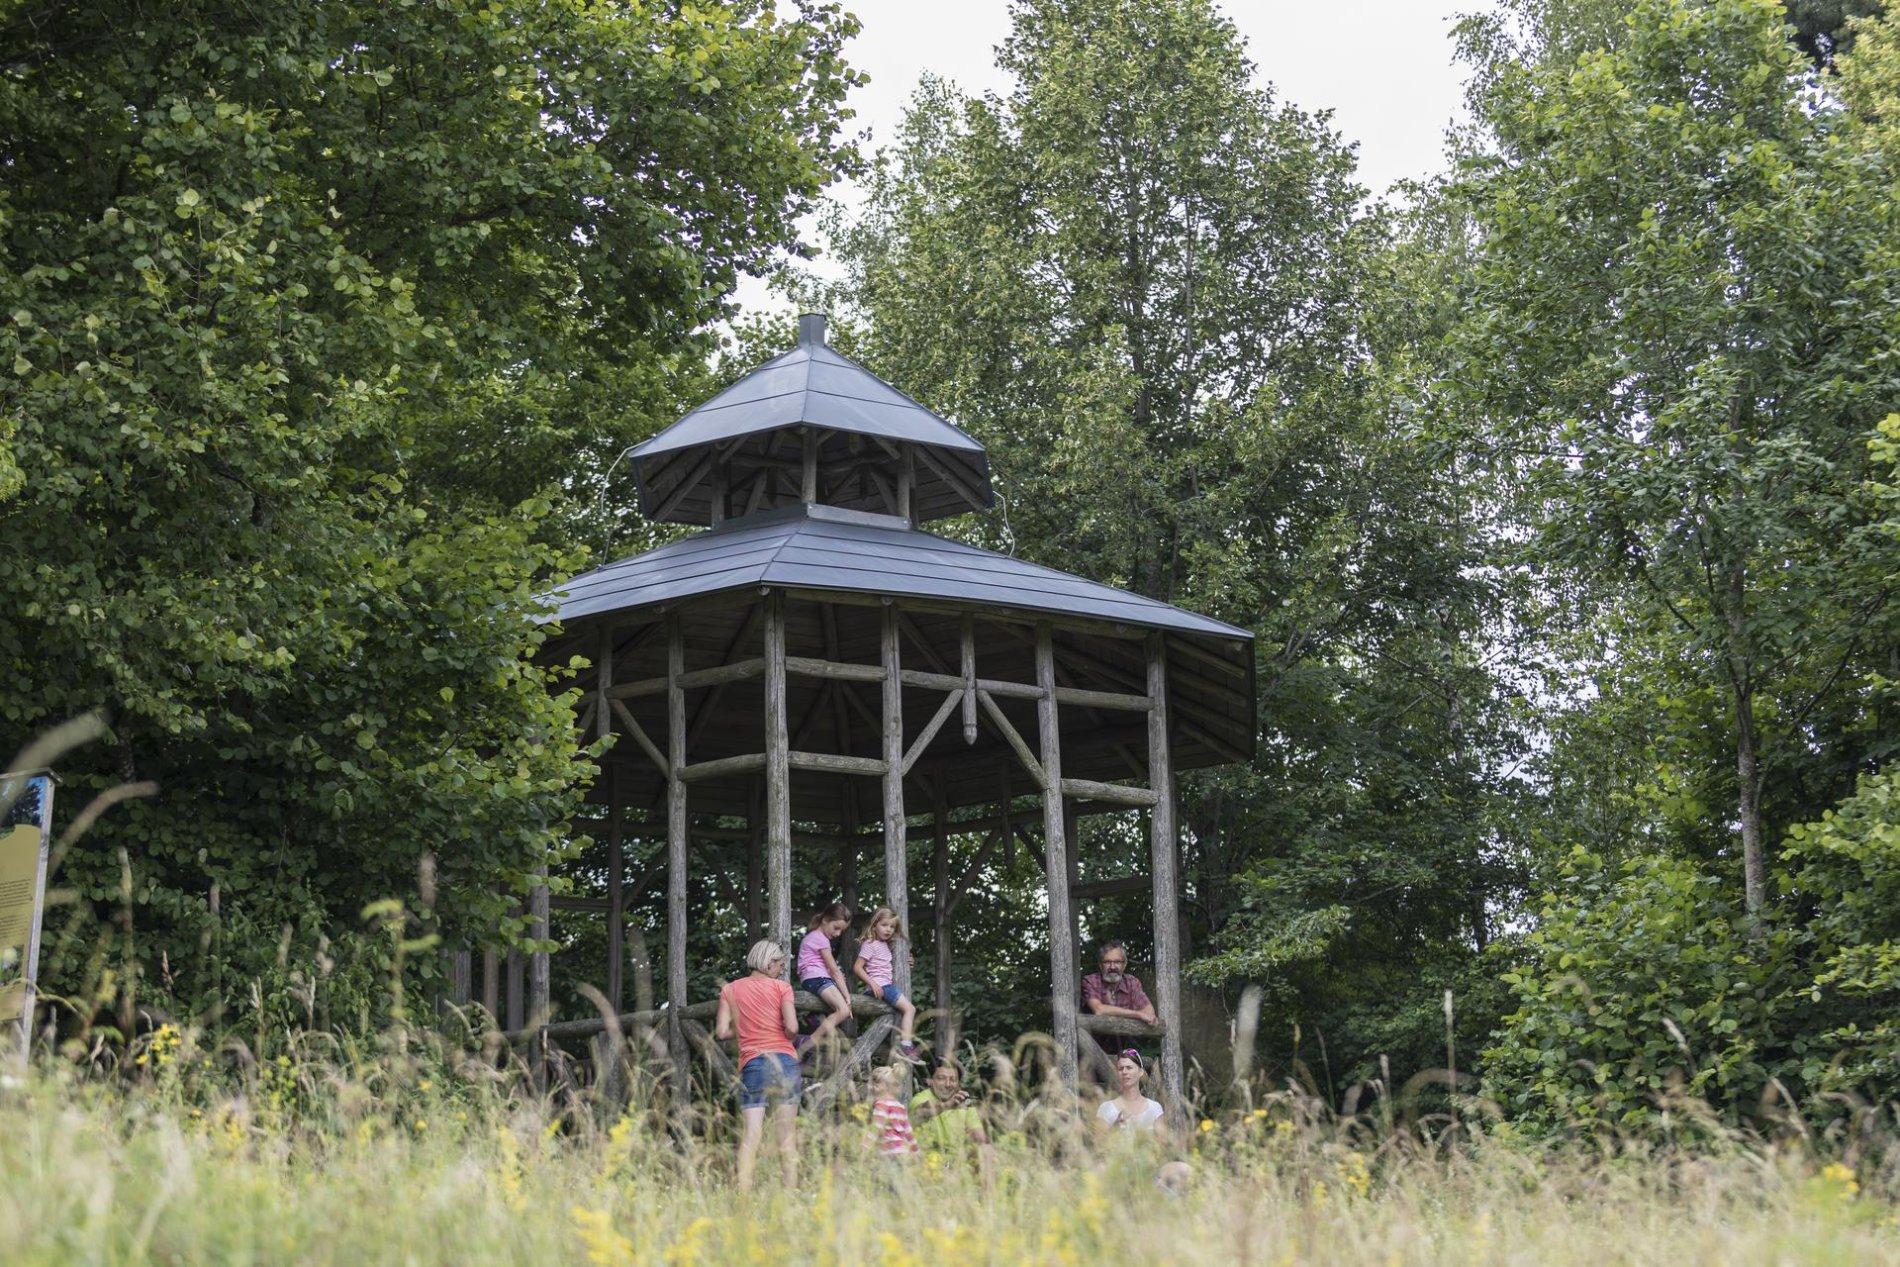 Mehrere Personen sitzen um einen Pavillon aus Holz. Drumherum ist Wald.